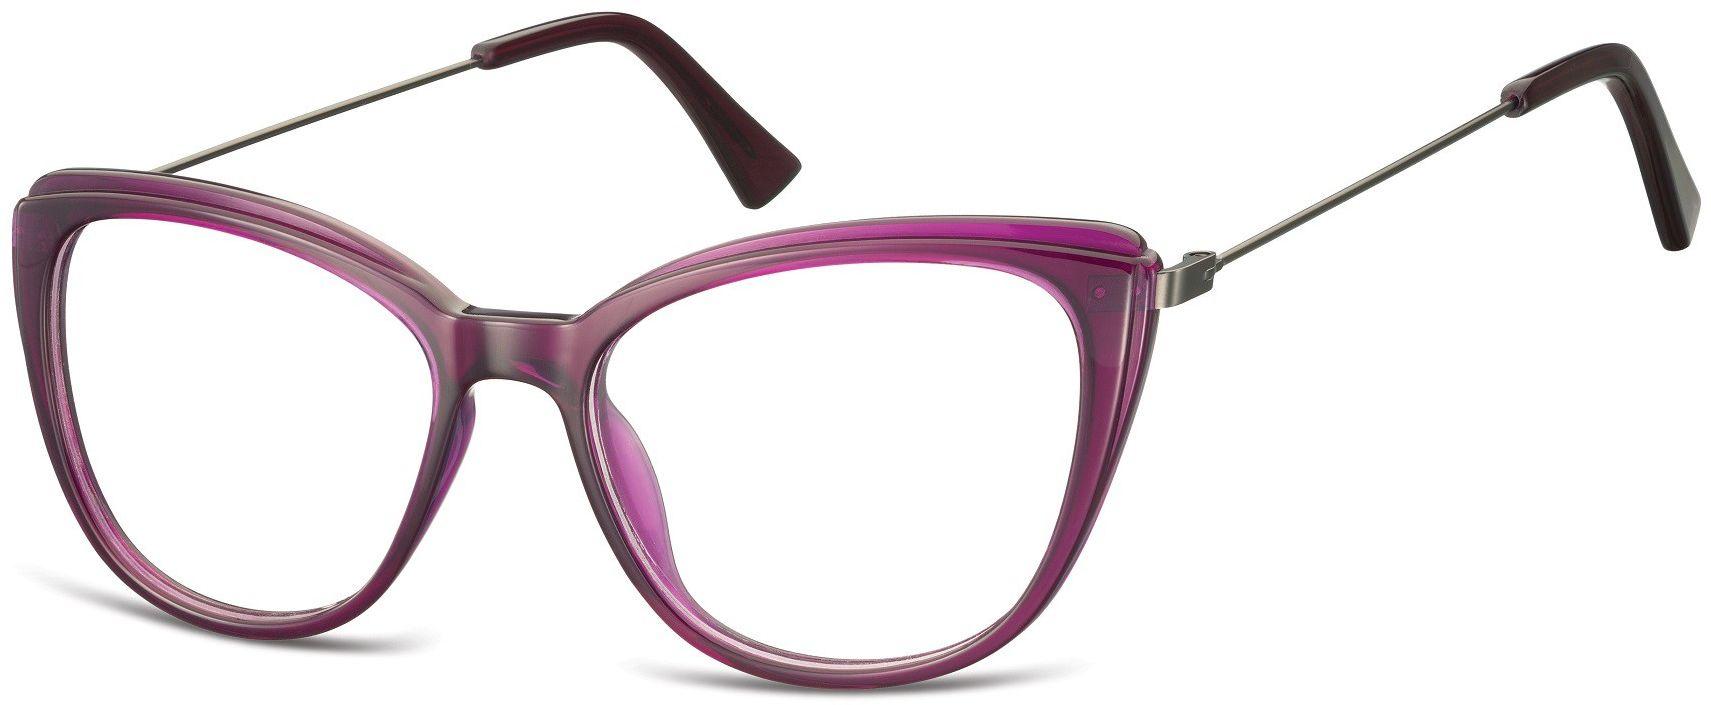 Oprawki korekcyjne okulary Kocie Oczy zerówki damskie CP121C fioletowe